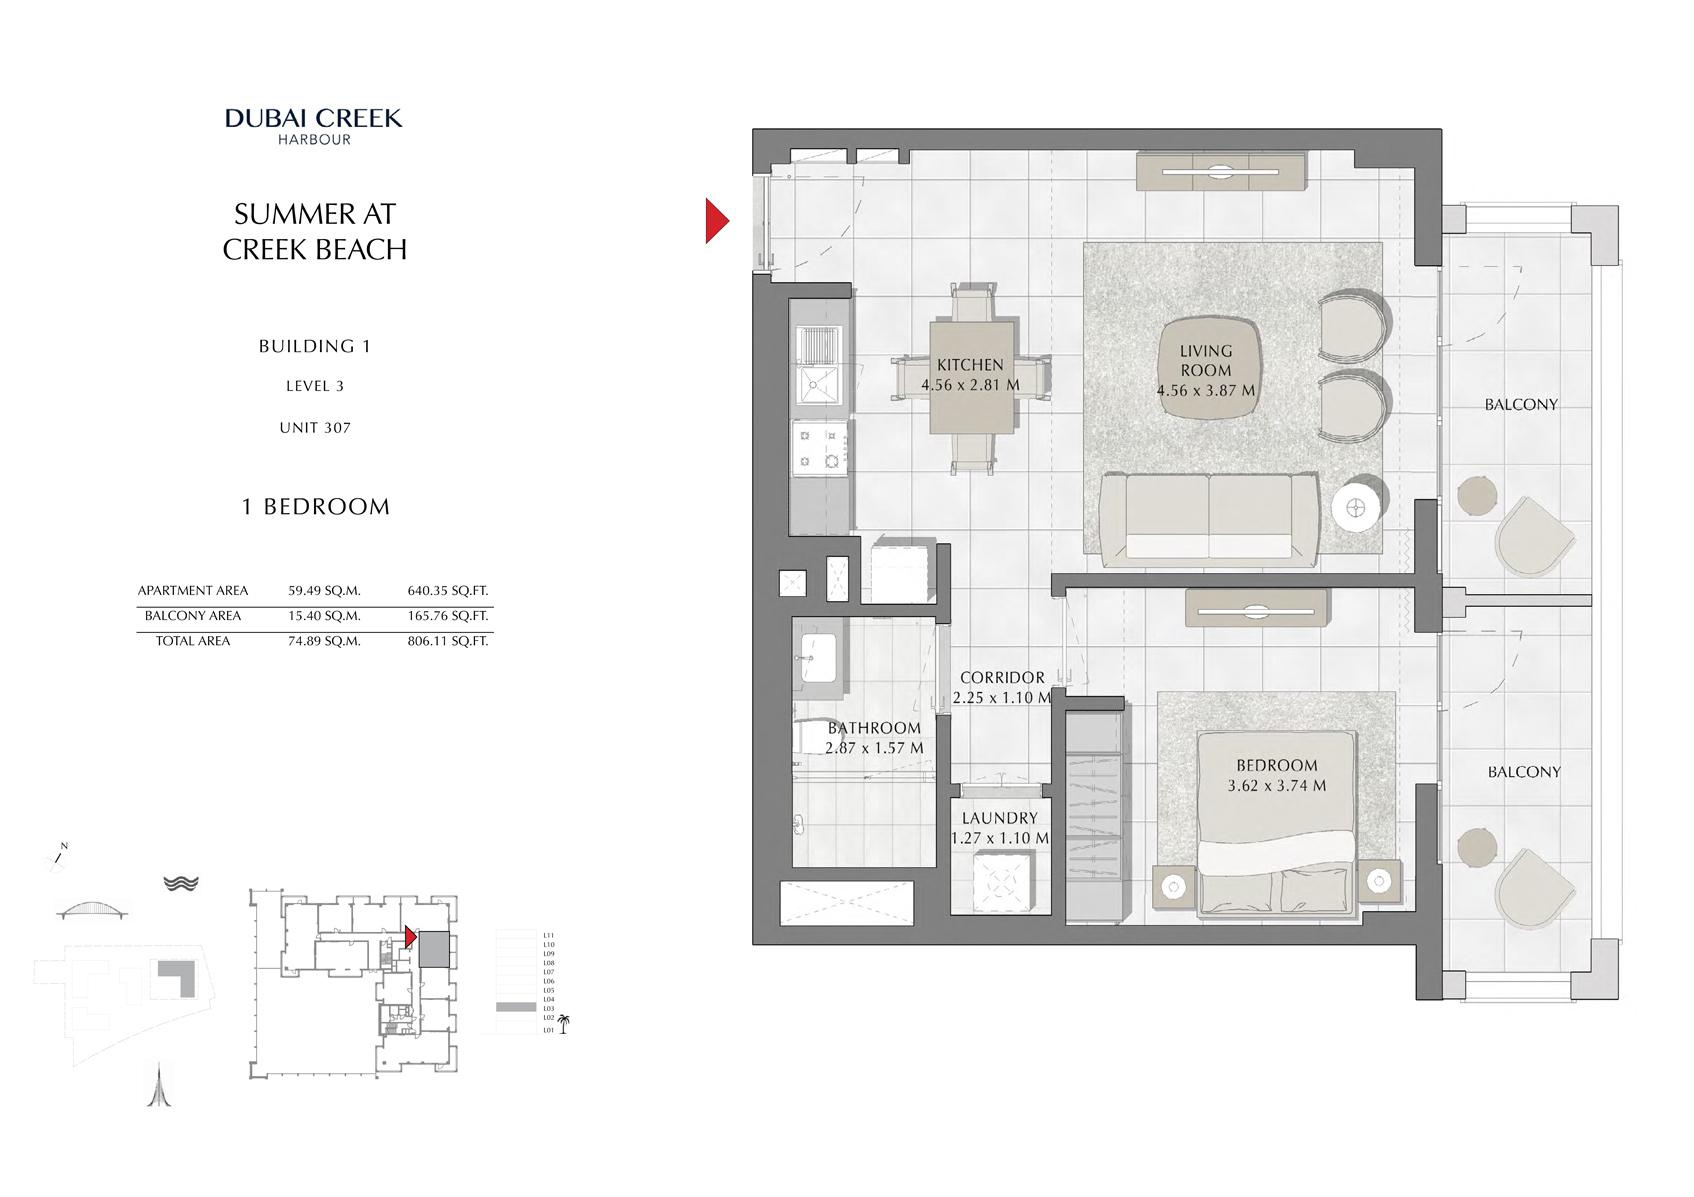 1 Br Building 1 Level 3 Unit 307, Size 806 Sq Ft